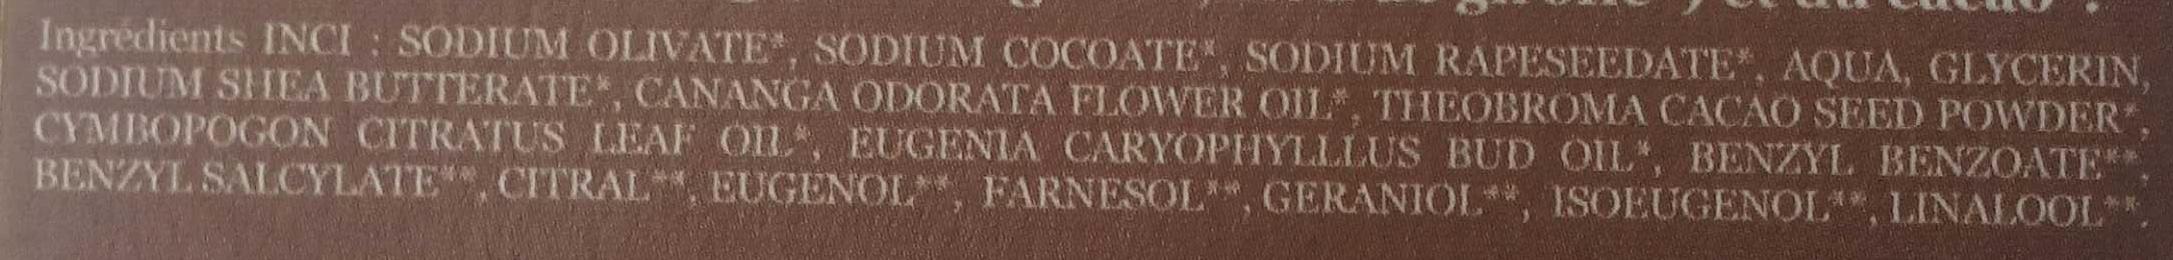 Cacao Ylang ylang - Ingredients - fr